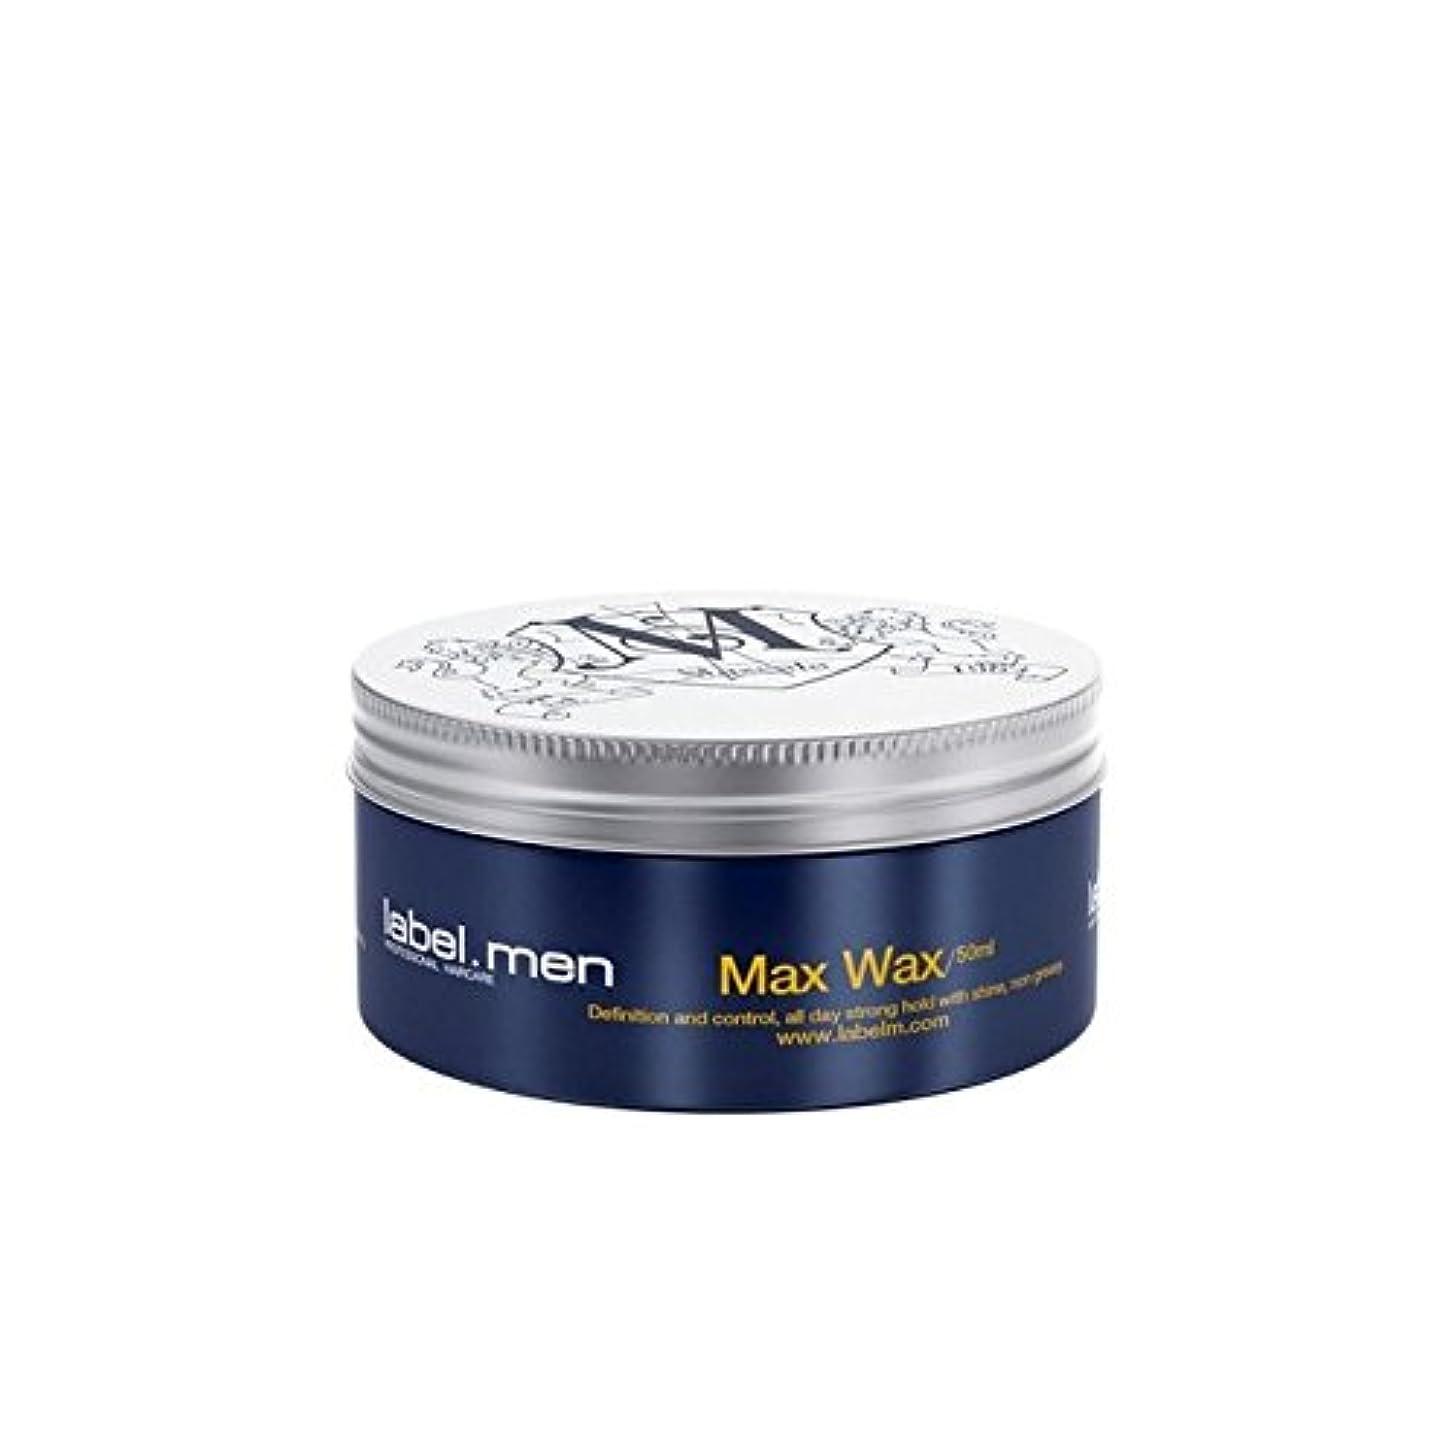 最適モバイル雑多な.マックスワックス(50ミリリットル) x4 - Label.Men Max Wax (50ml) (Pack of 4) [並行輸入品]